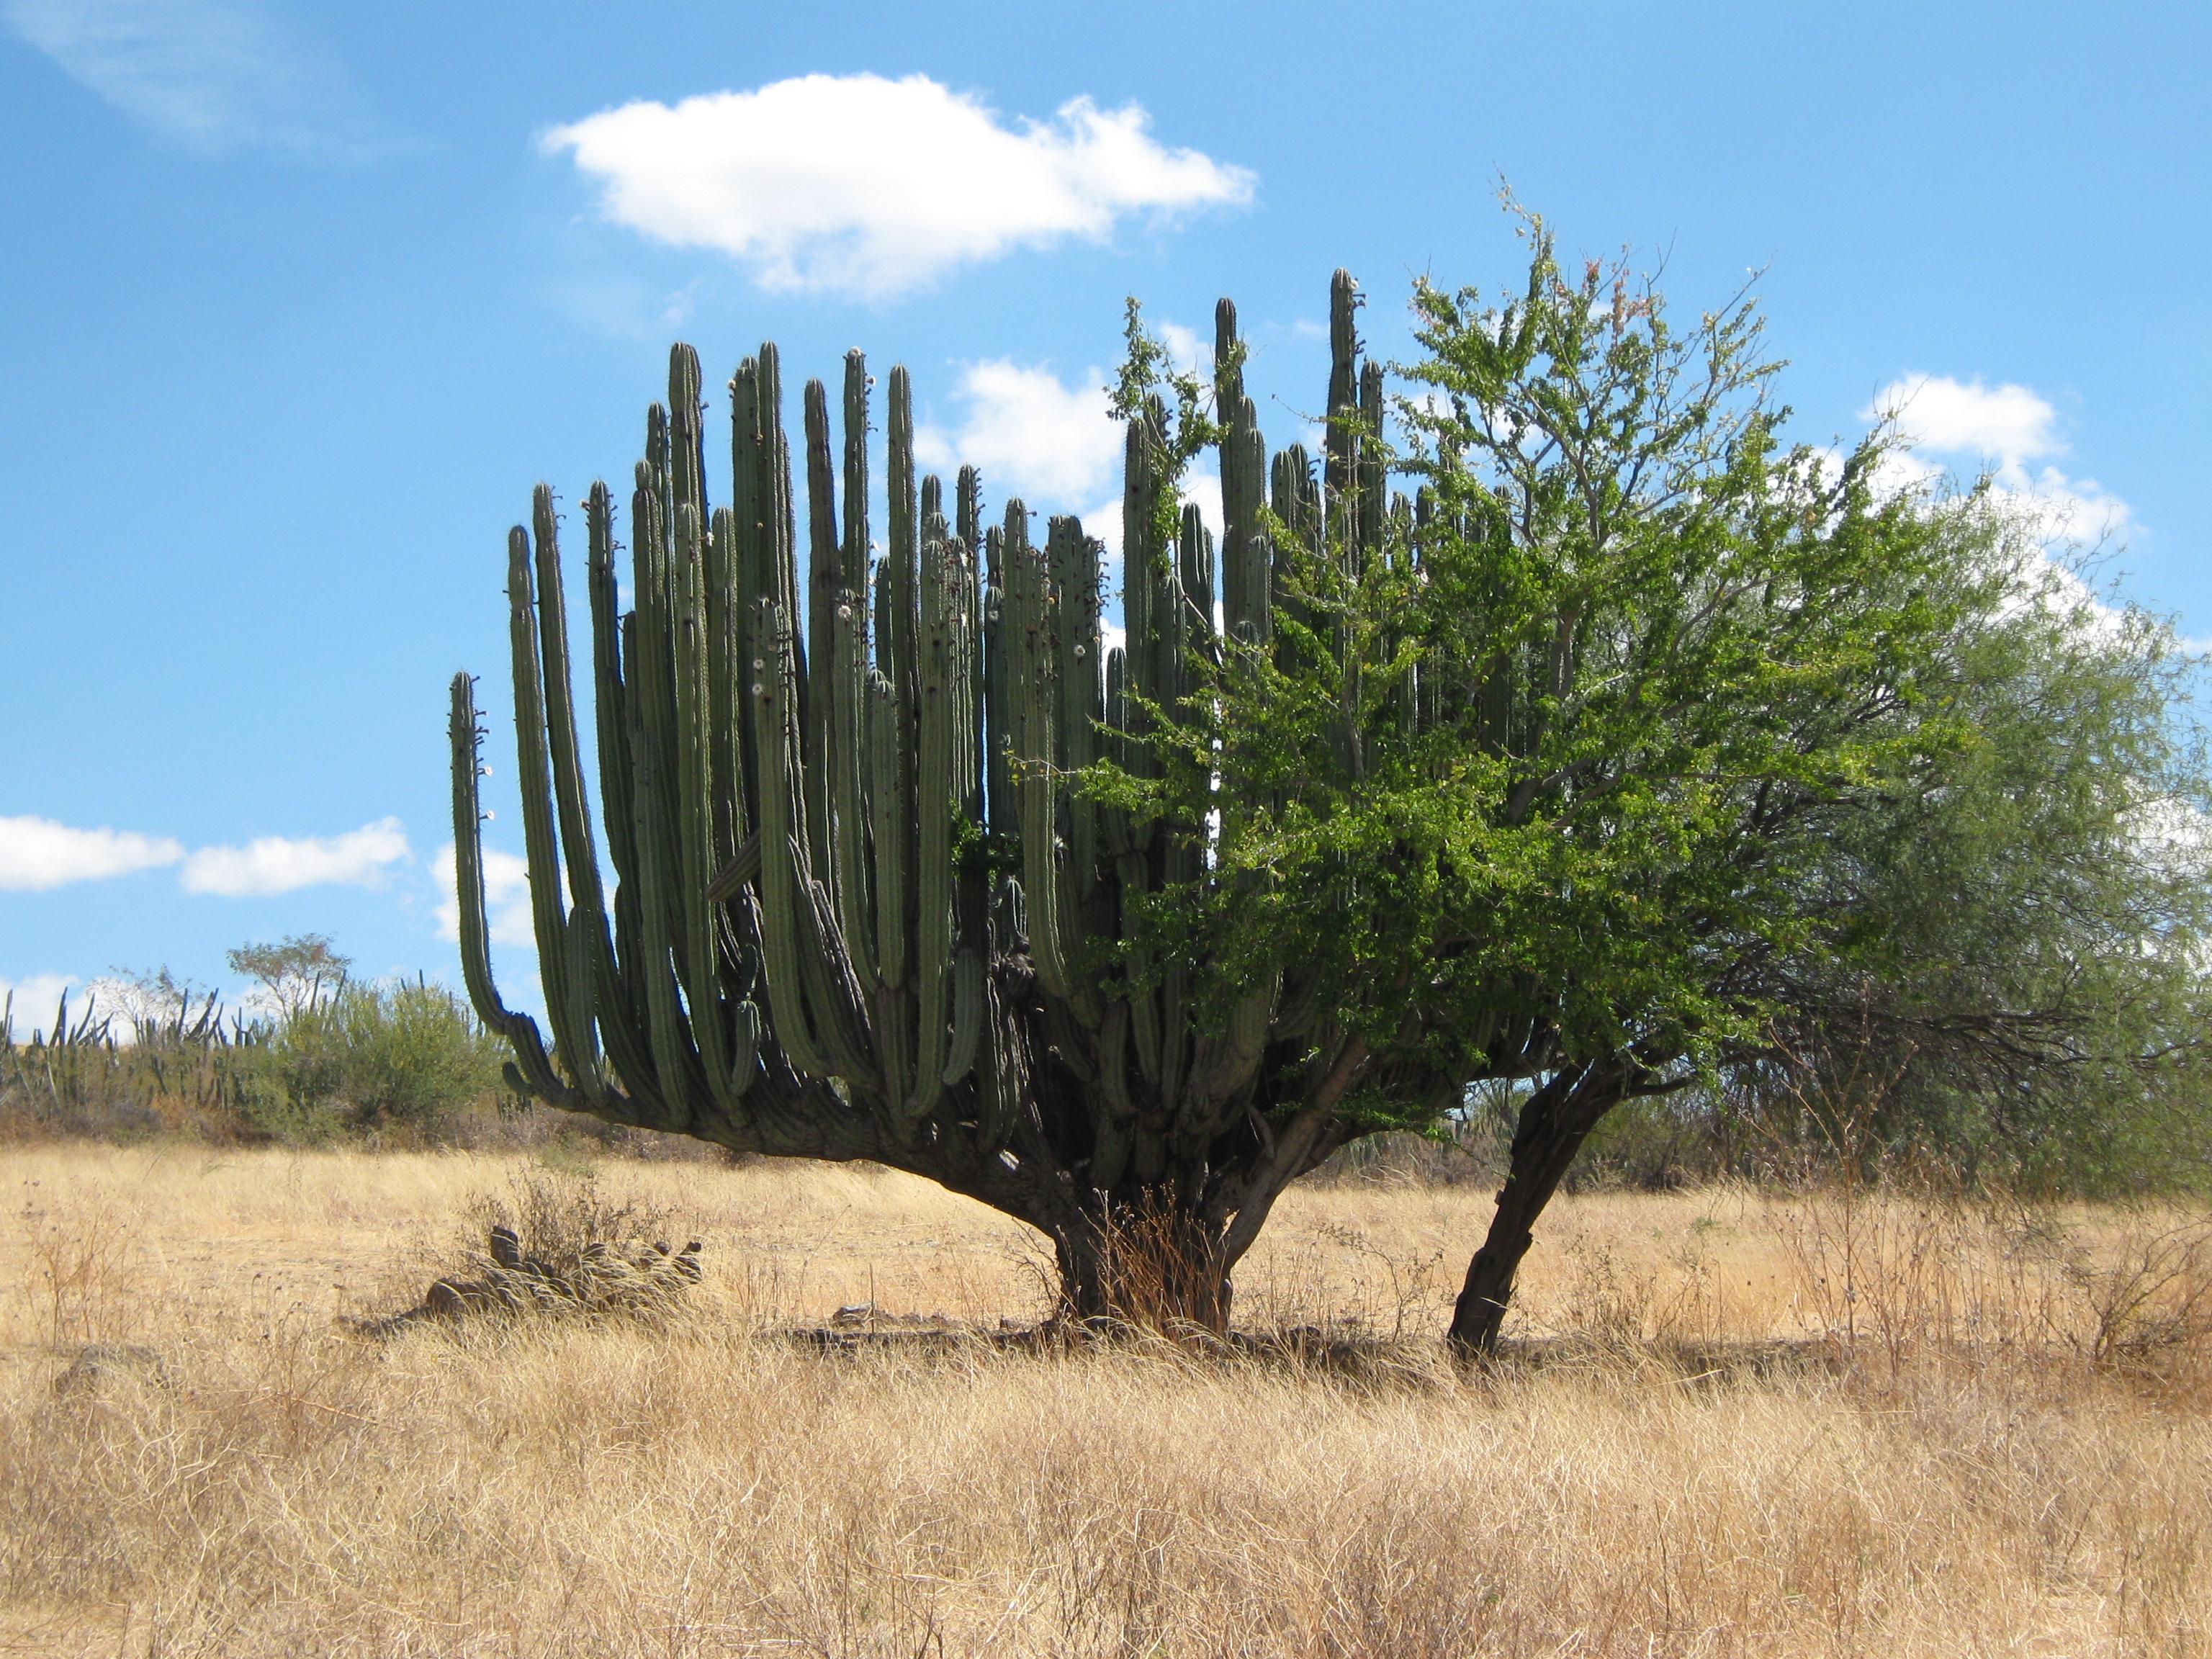 Giant cactus tree reader photos cactus jungle for Cactus santiago